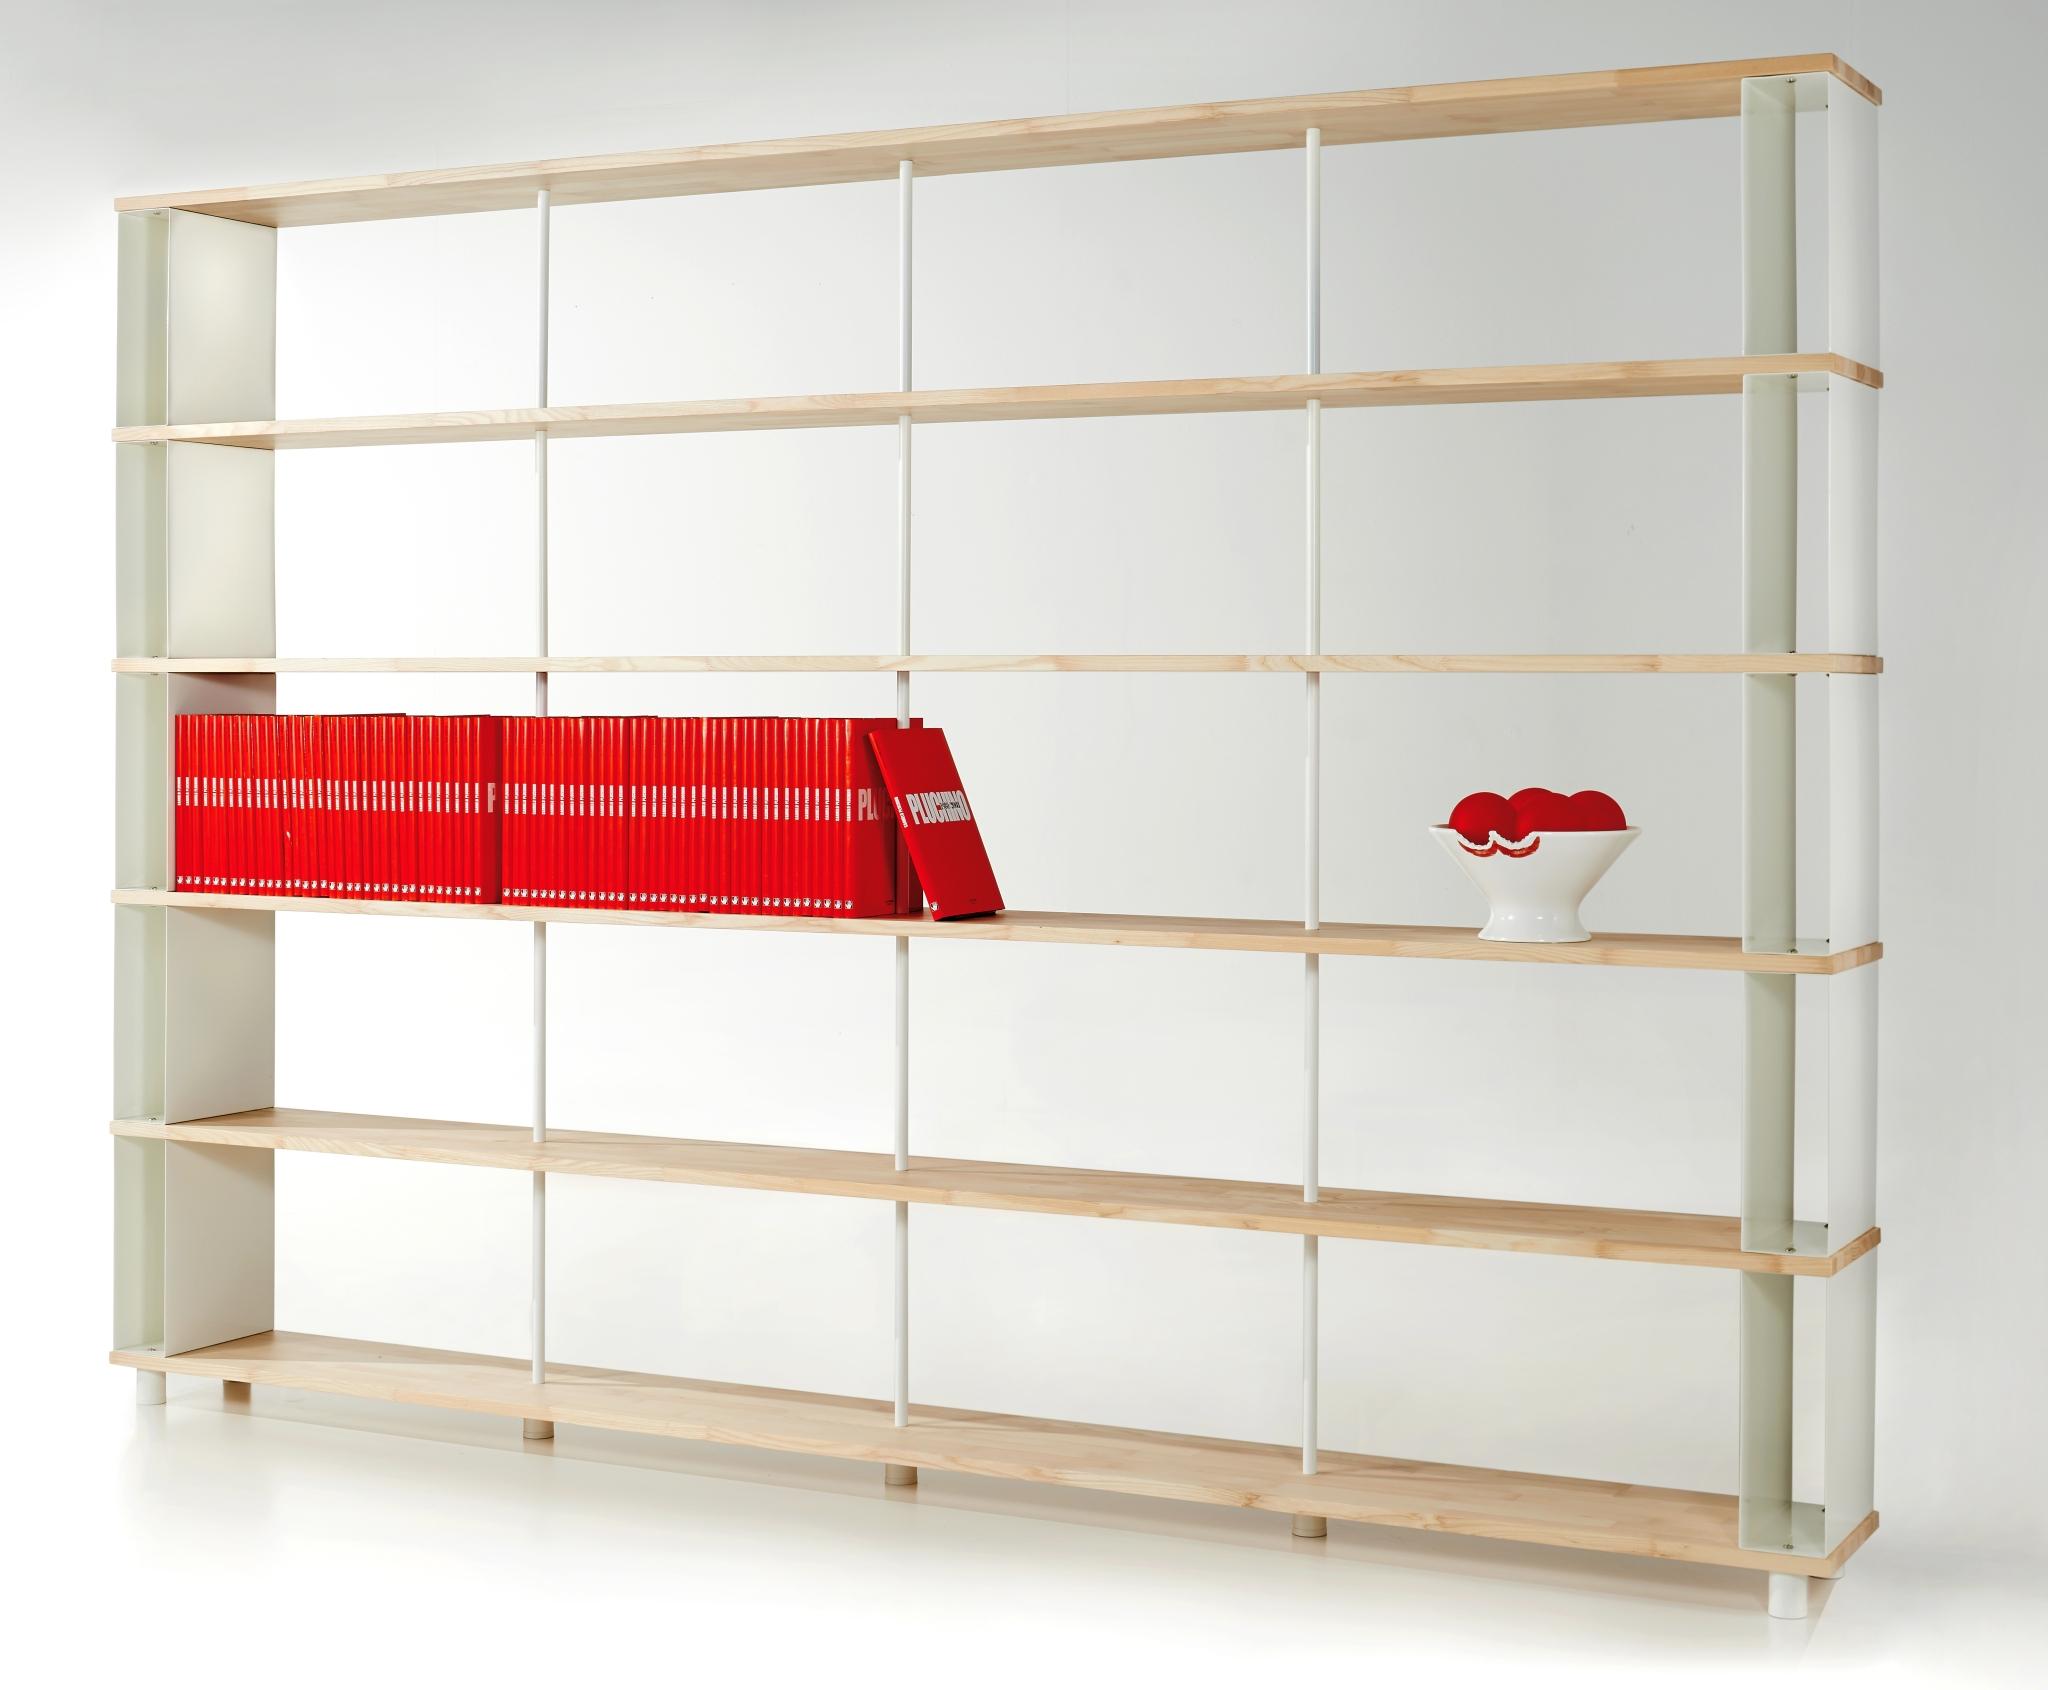 Skaffa Wood - Libreria Made in Italy componibile in legno massello